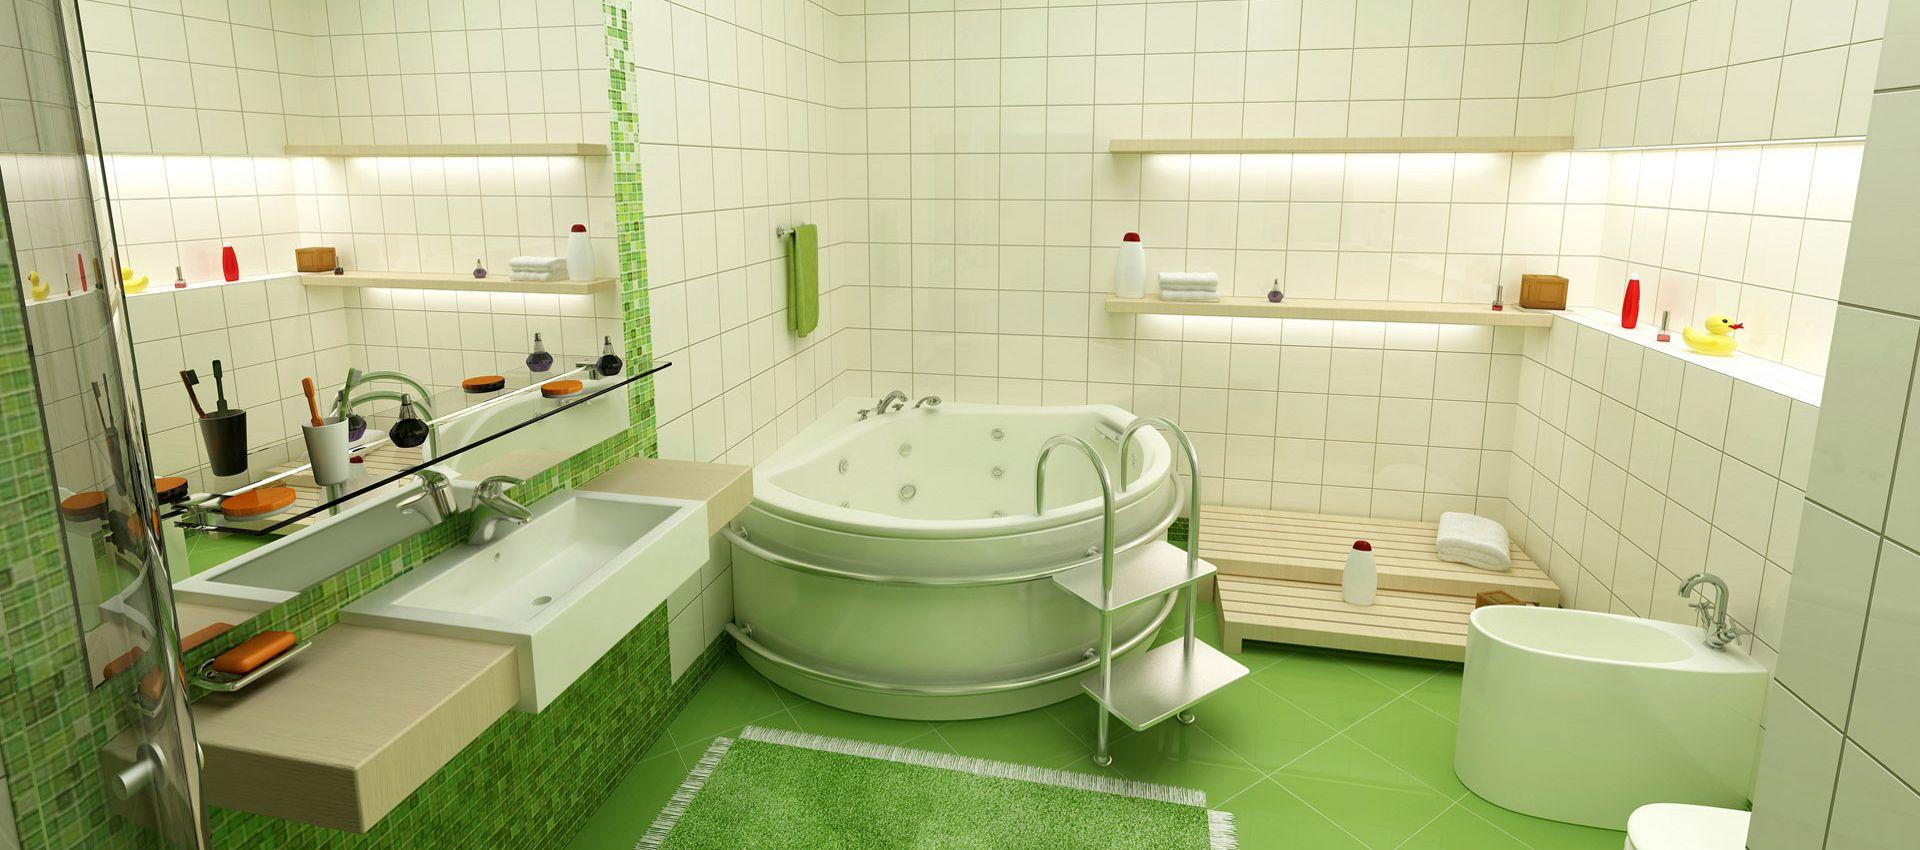 P ytki ceramiczne azienkowe kuchenne bielsko bia a for Yellow and green bathroom ideas